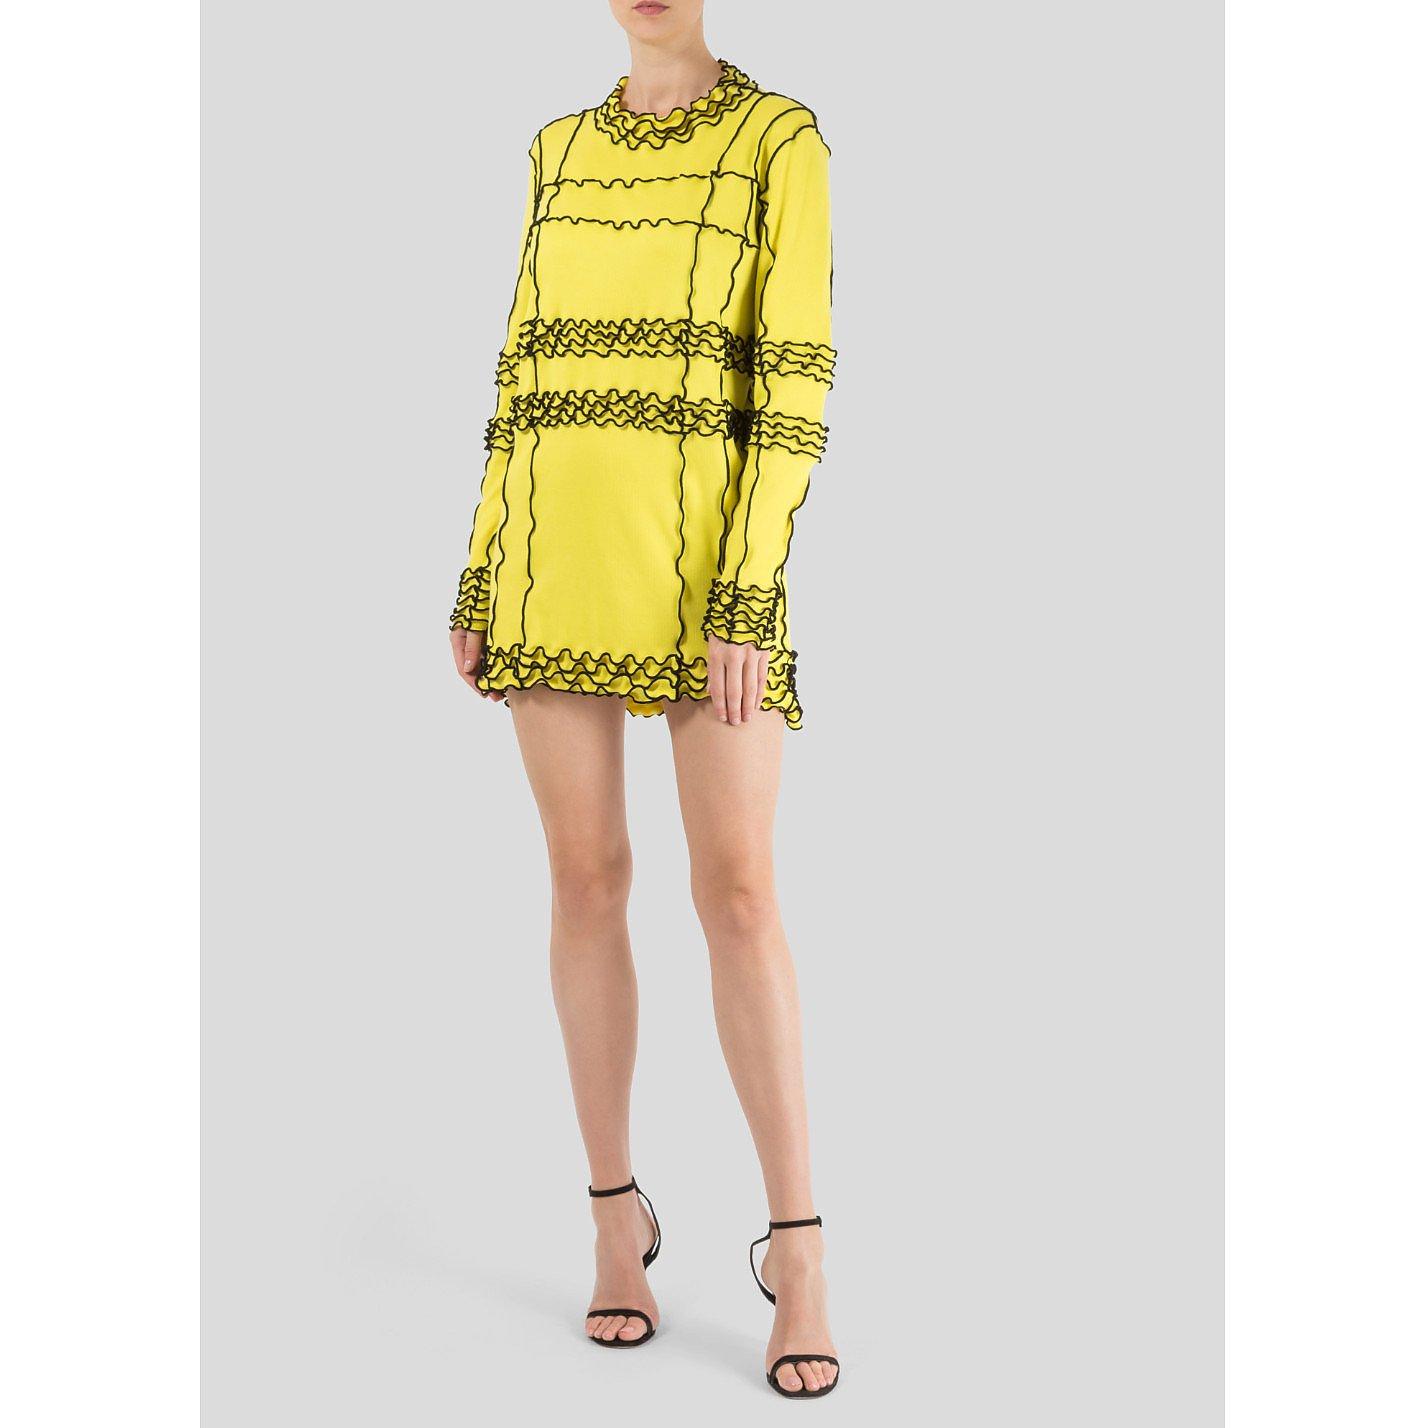 Minnanhui Neon Ruffle Dress